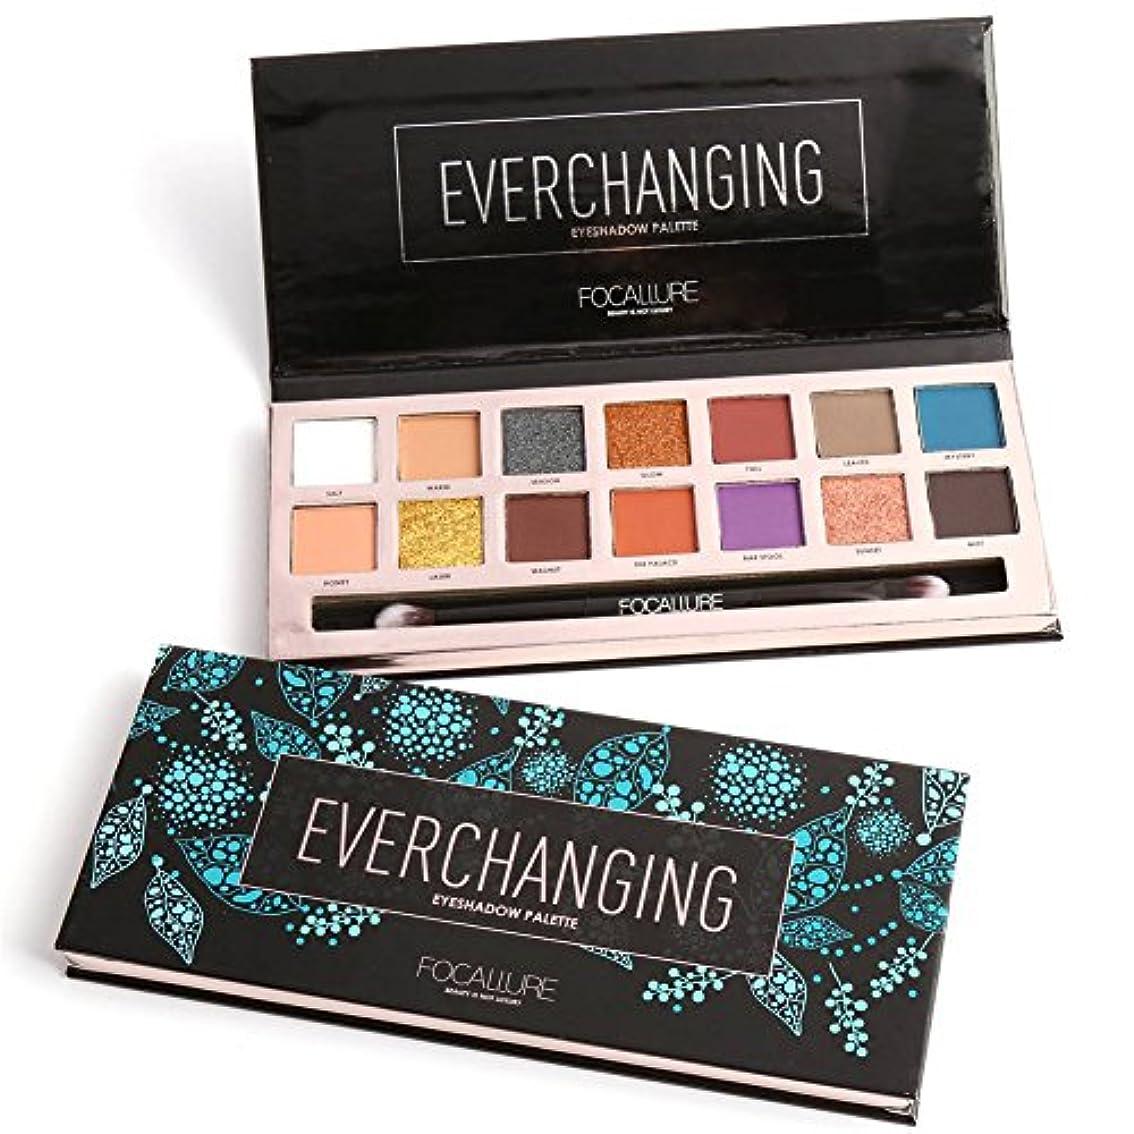 襟フレームワーク不純14 Colors Eyeshadow Palette Matte Glitter Shimmer Everchanging Eyeshadow Palette with Brush 14色のマット?グリッター?シマーEverchanging...